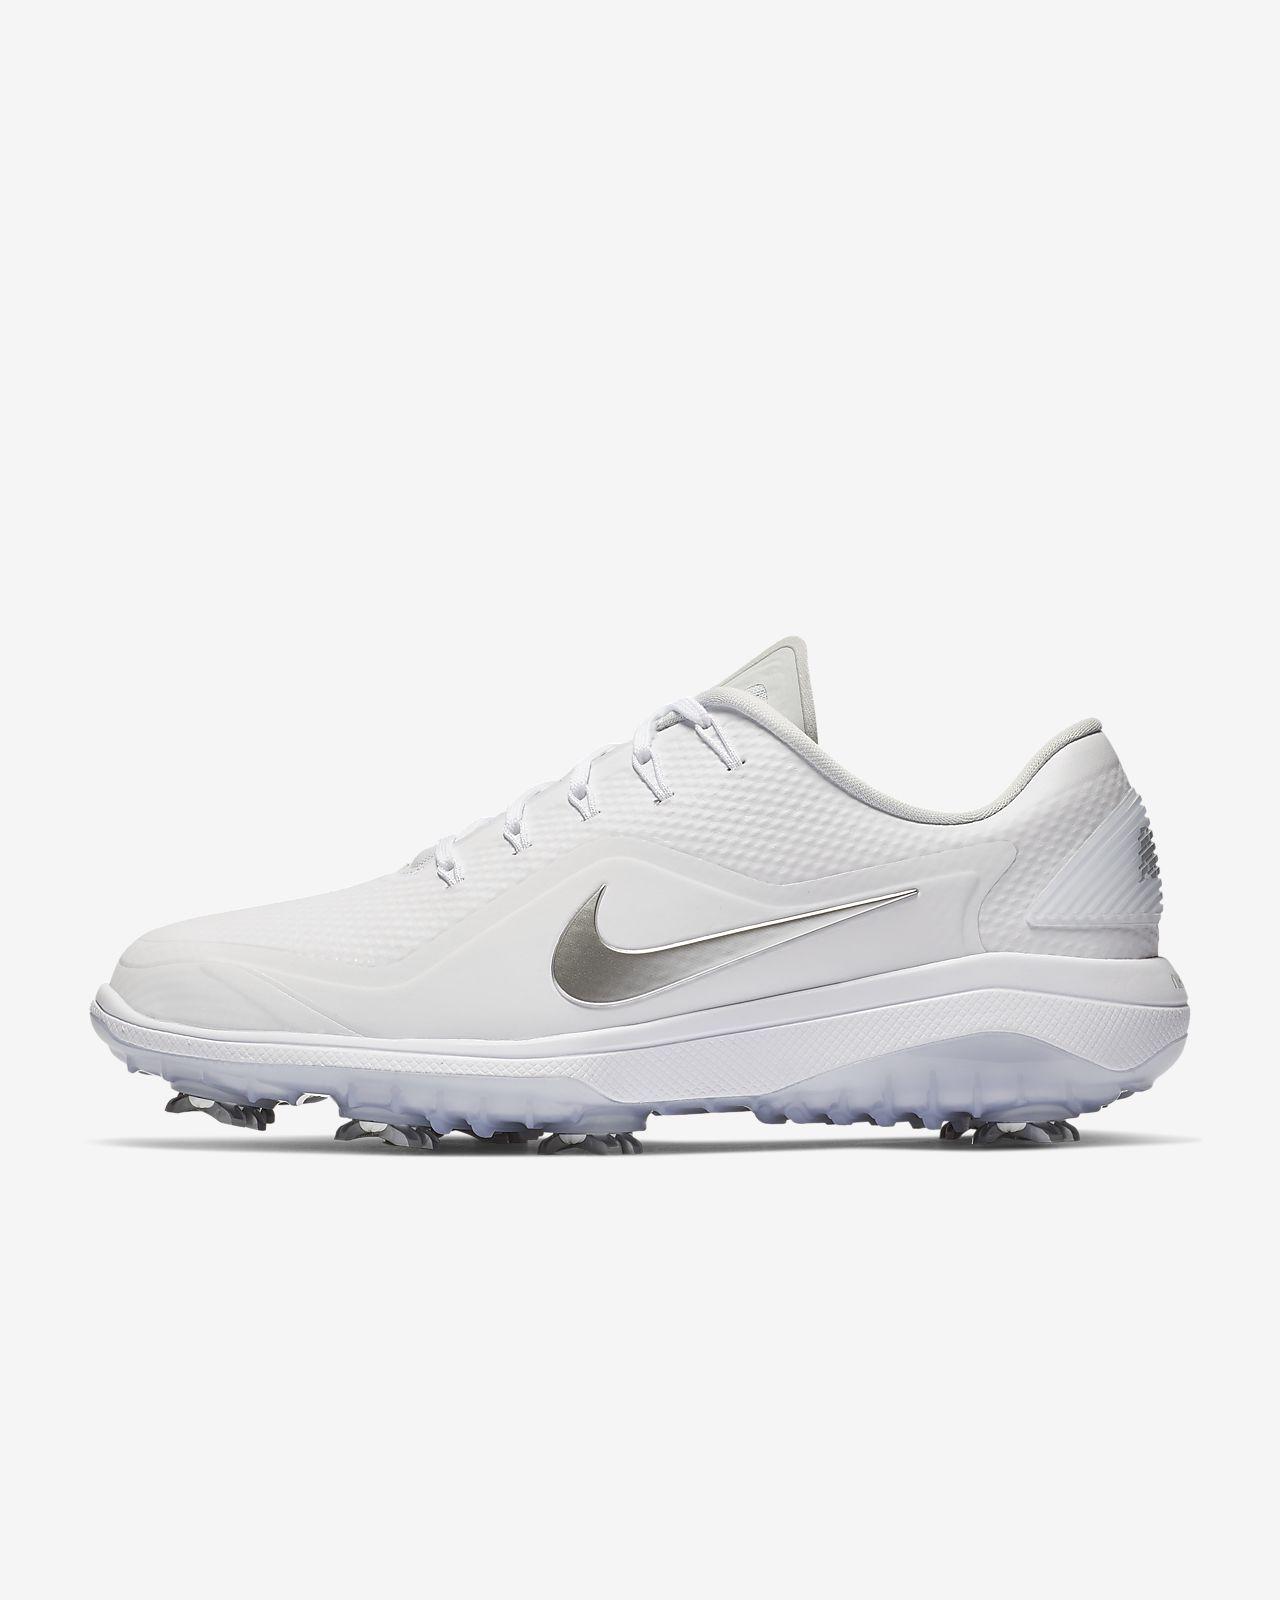 Nike React Vapor 2 Damen-Golfschuh